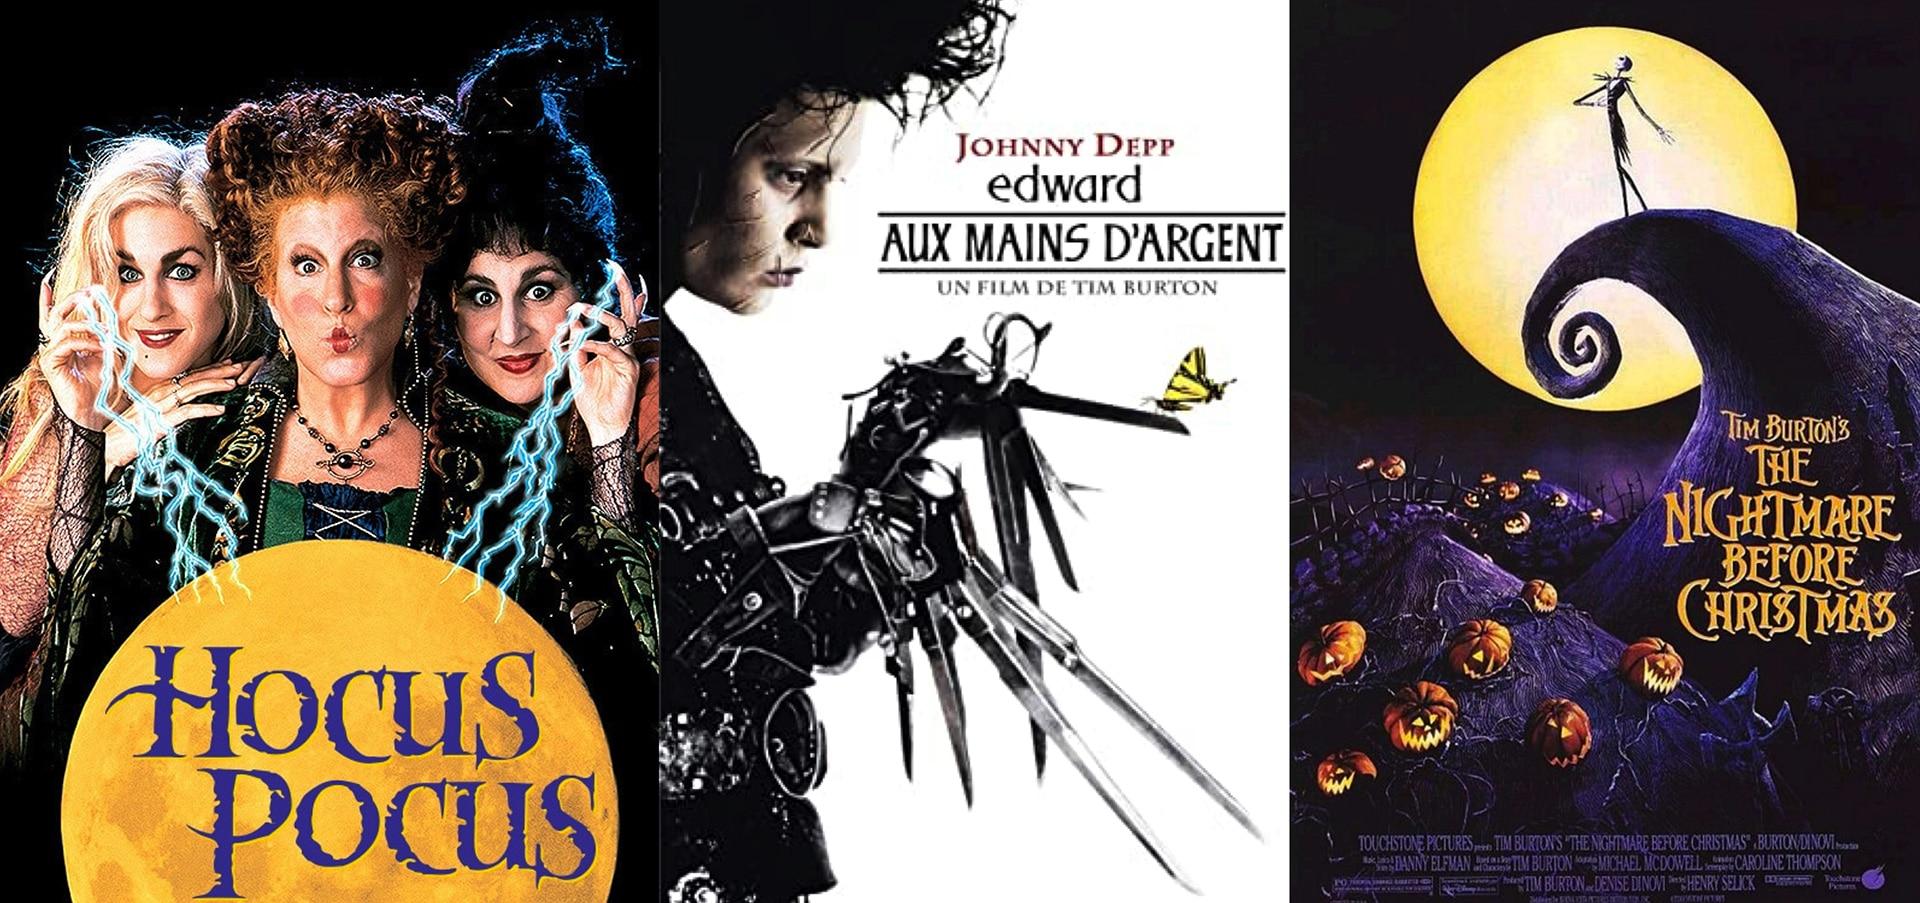 meilleurs films d'horreur enfants halloween hocus pocus edward